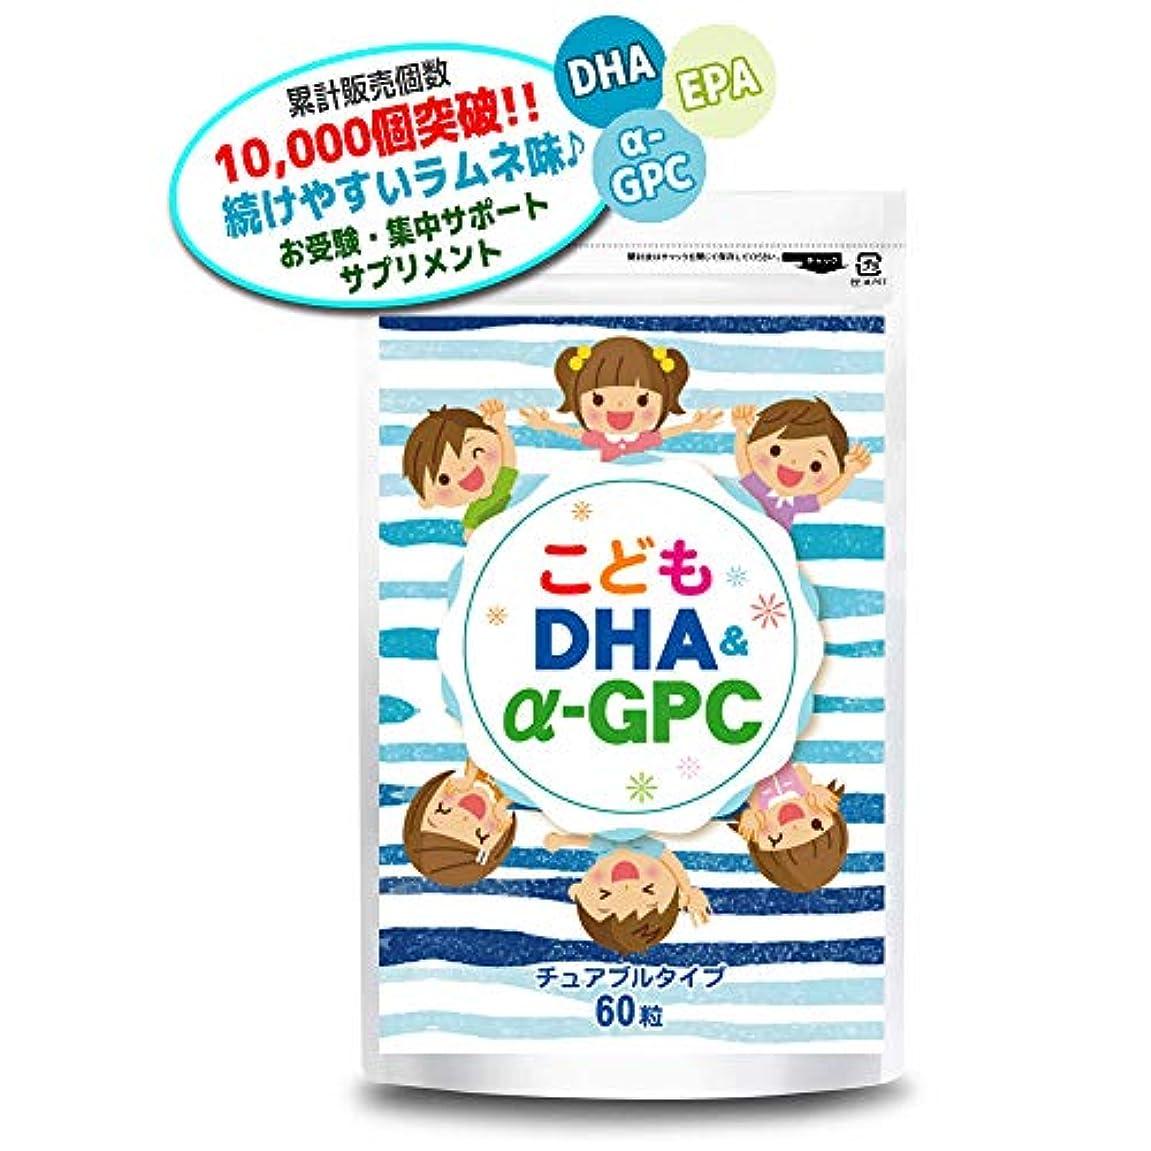 熱帯のオフセット解釈するこども DHA&α-GPC DHA EPA α-GPC ホスファチジルセリン 配合 【集中?学習特化型サプリメント】 60粒約30日分